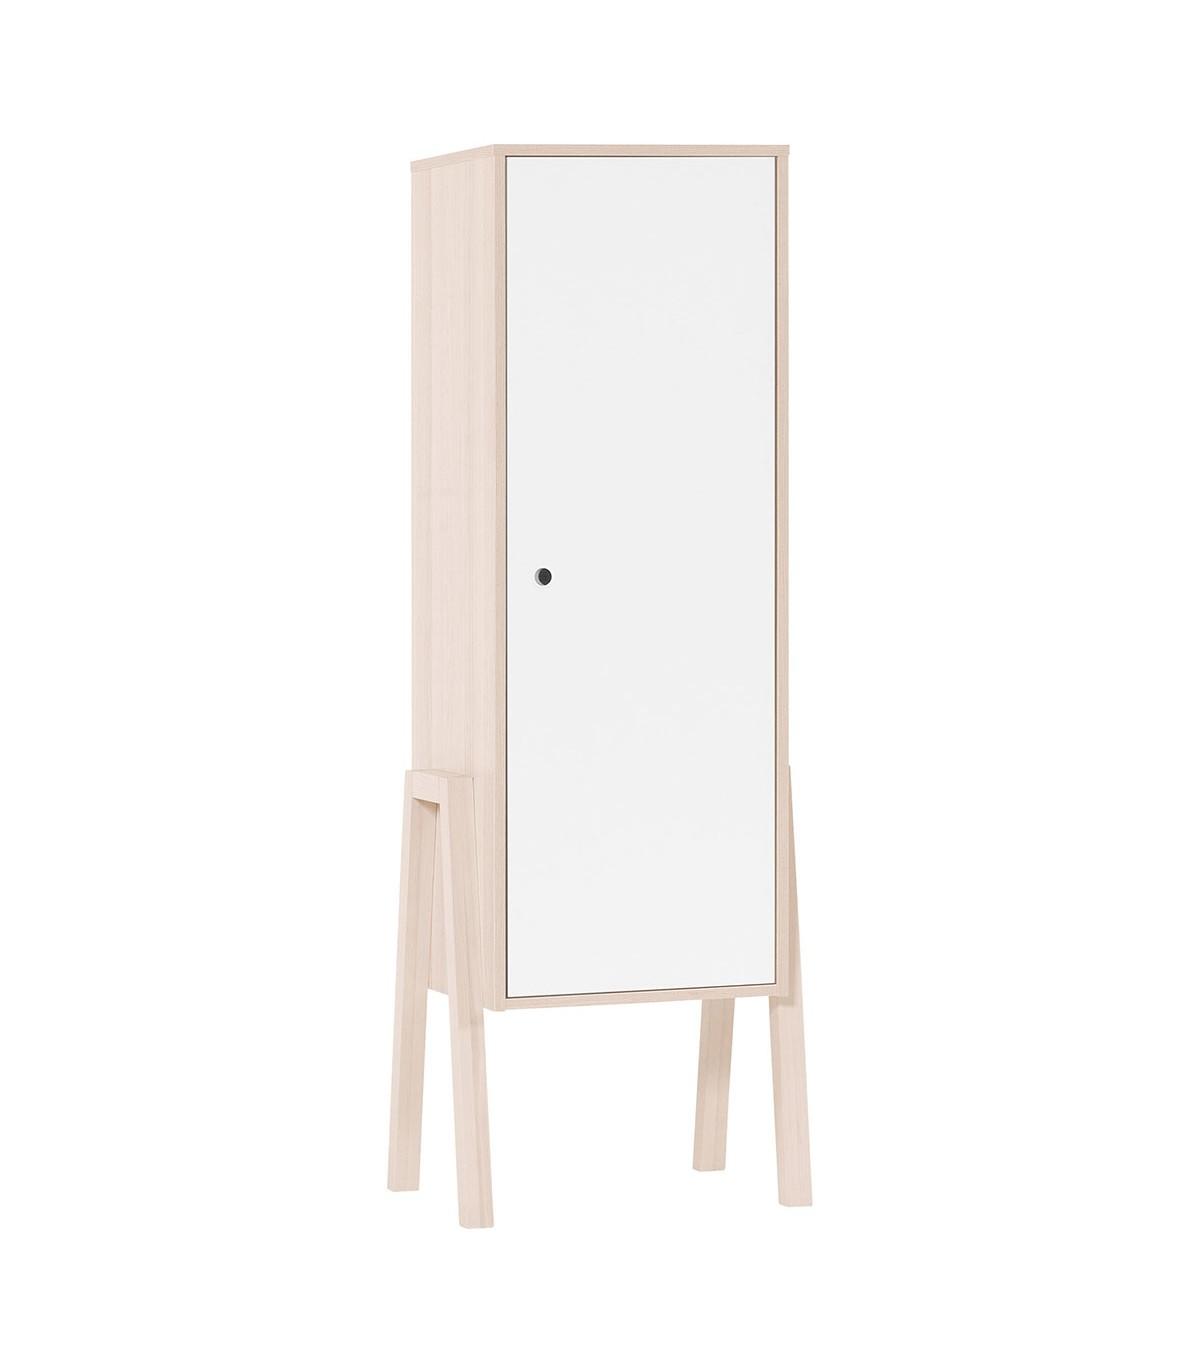 Armoire 1 porte 3 étagères intérieures - Blanc et beige